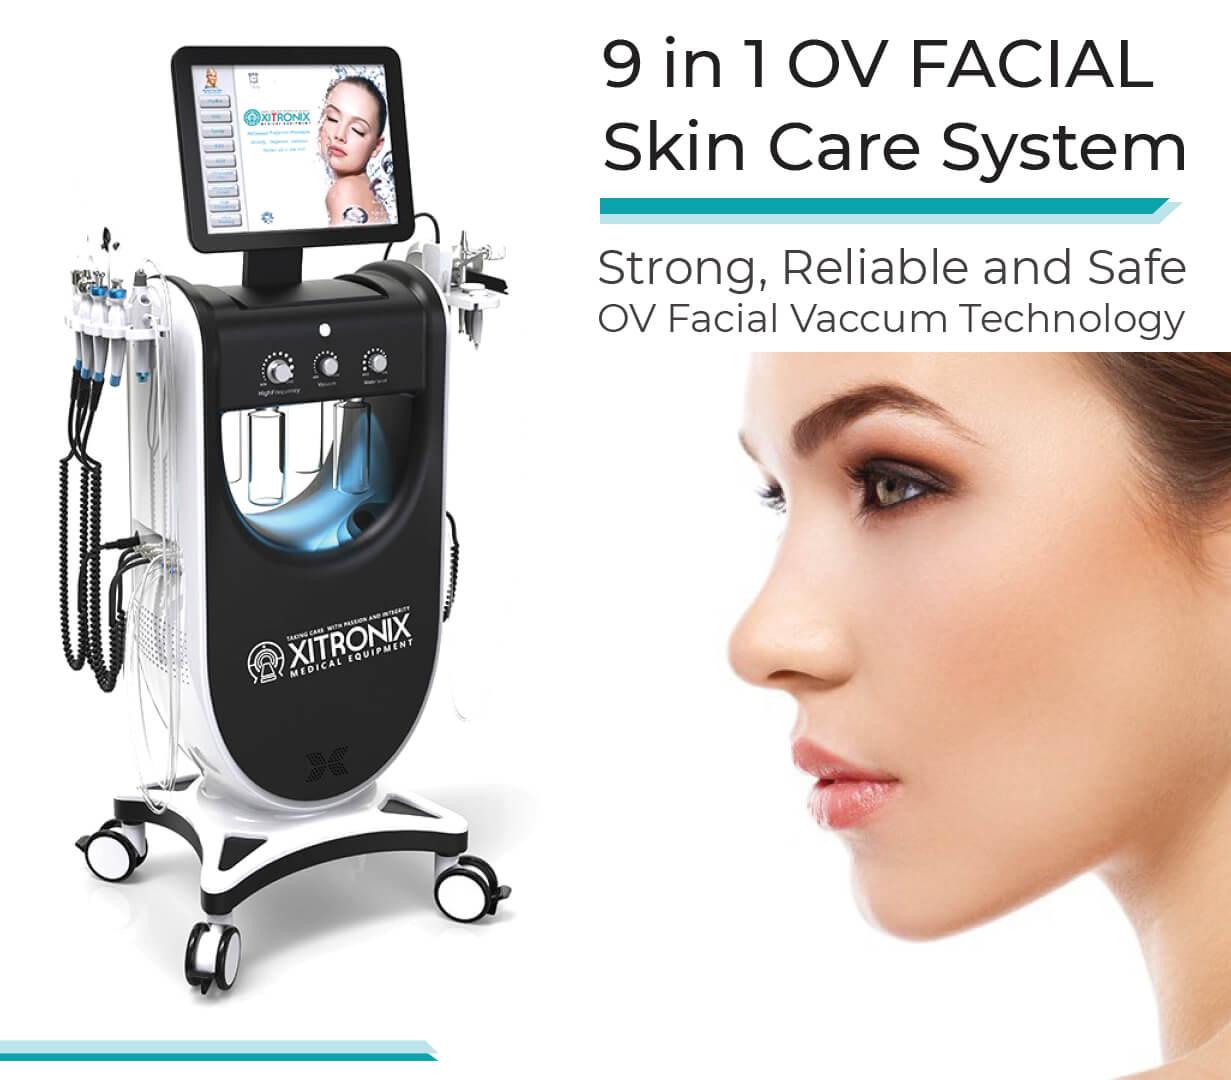 Oxitronix Facial Machine